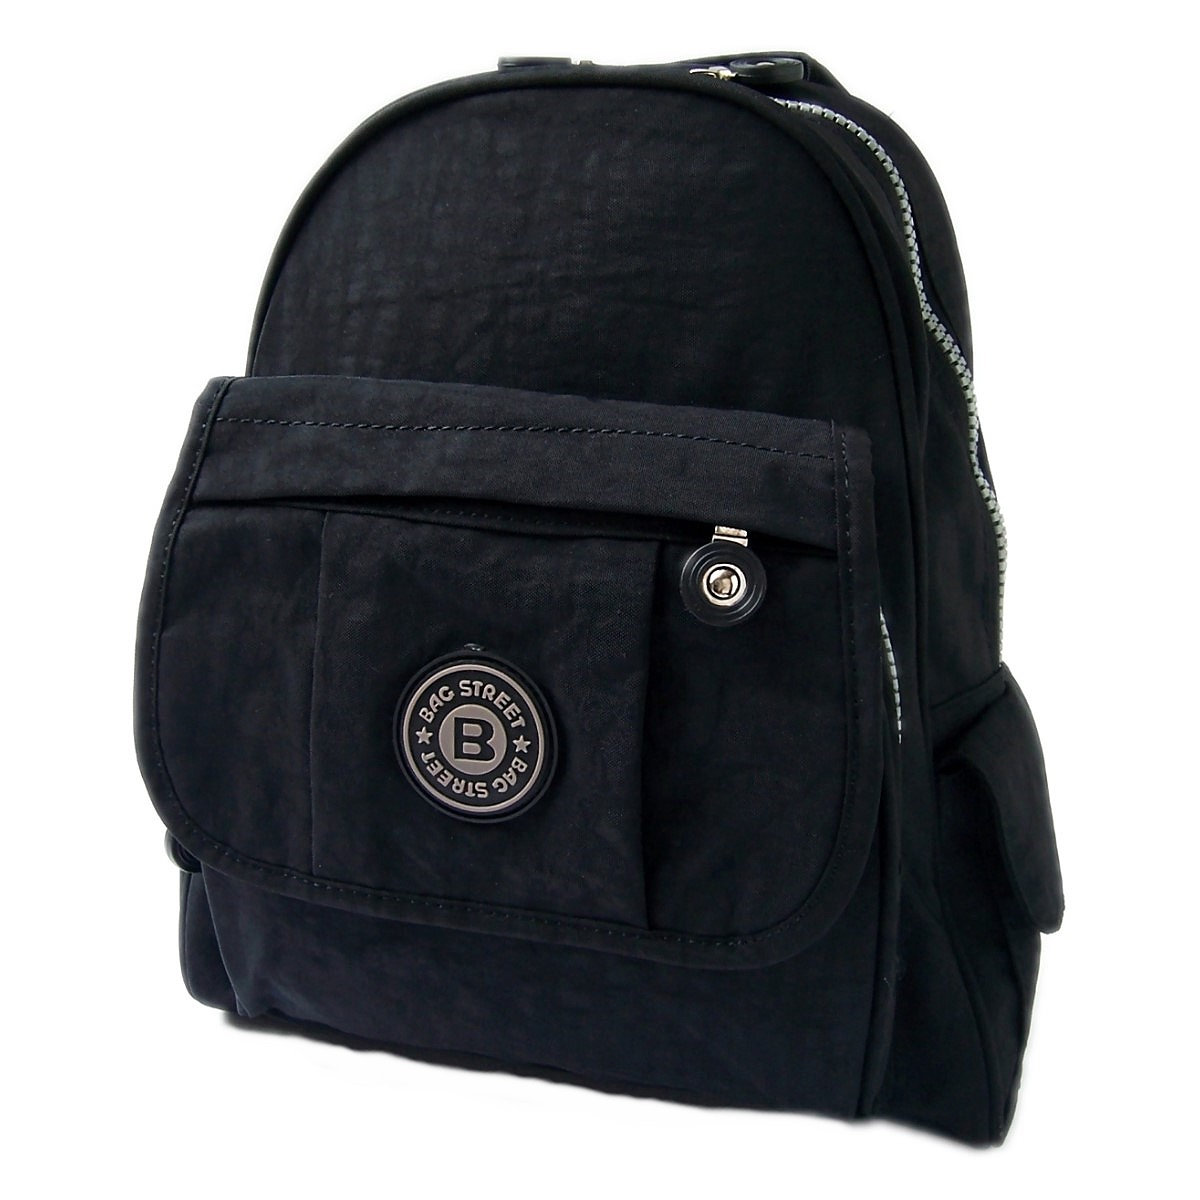 Damen City-Rucksack Freizeit Kinderrucksack Tasche schwarz Ru6034